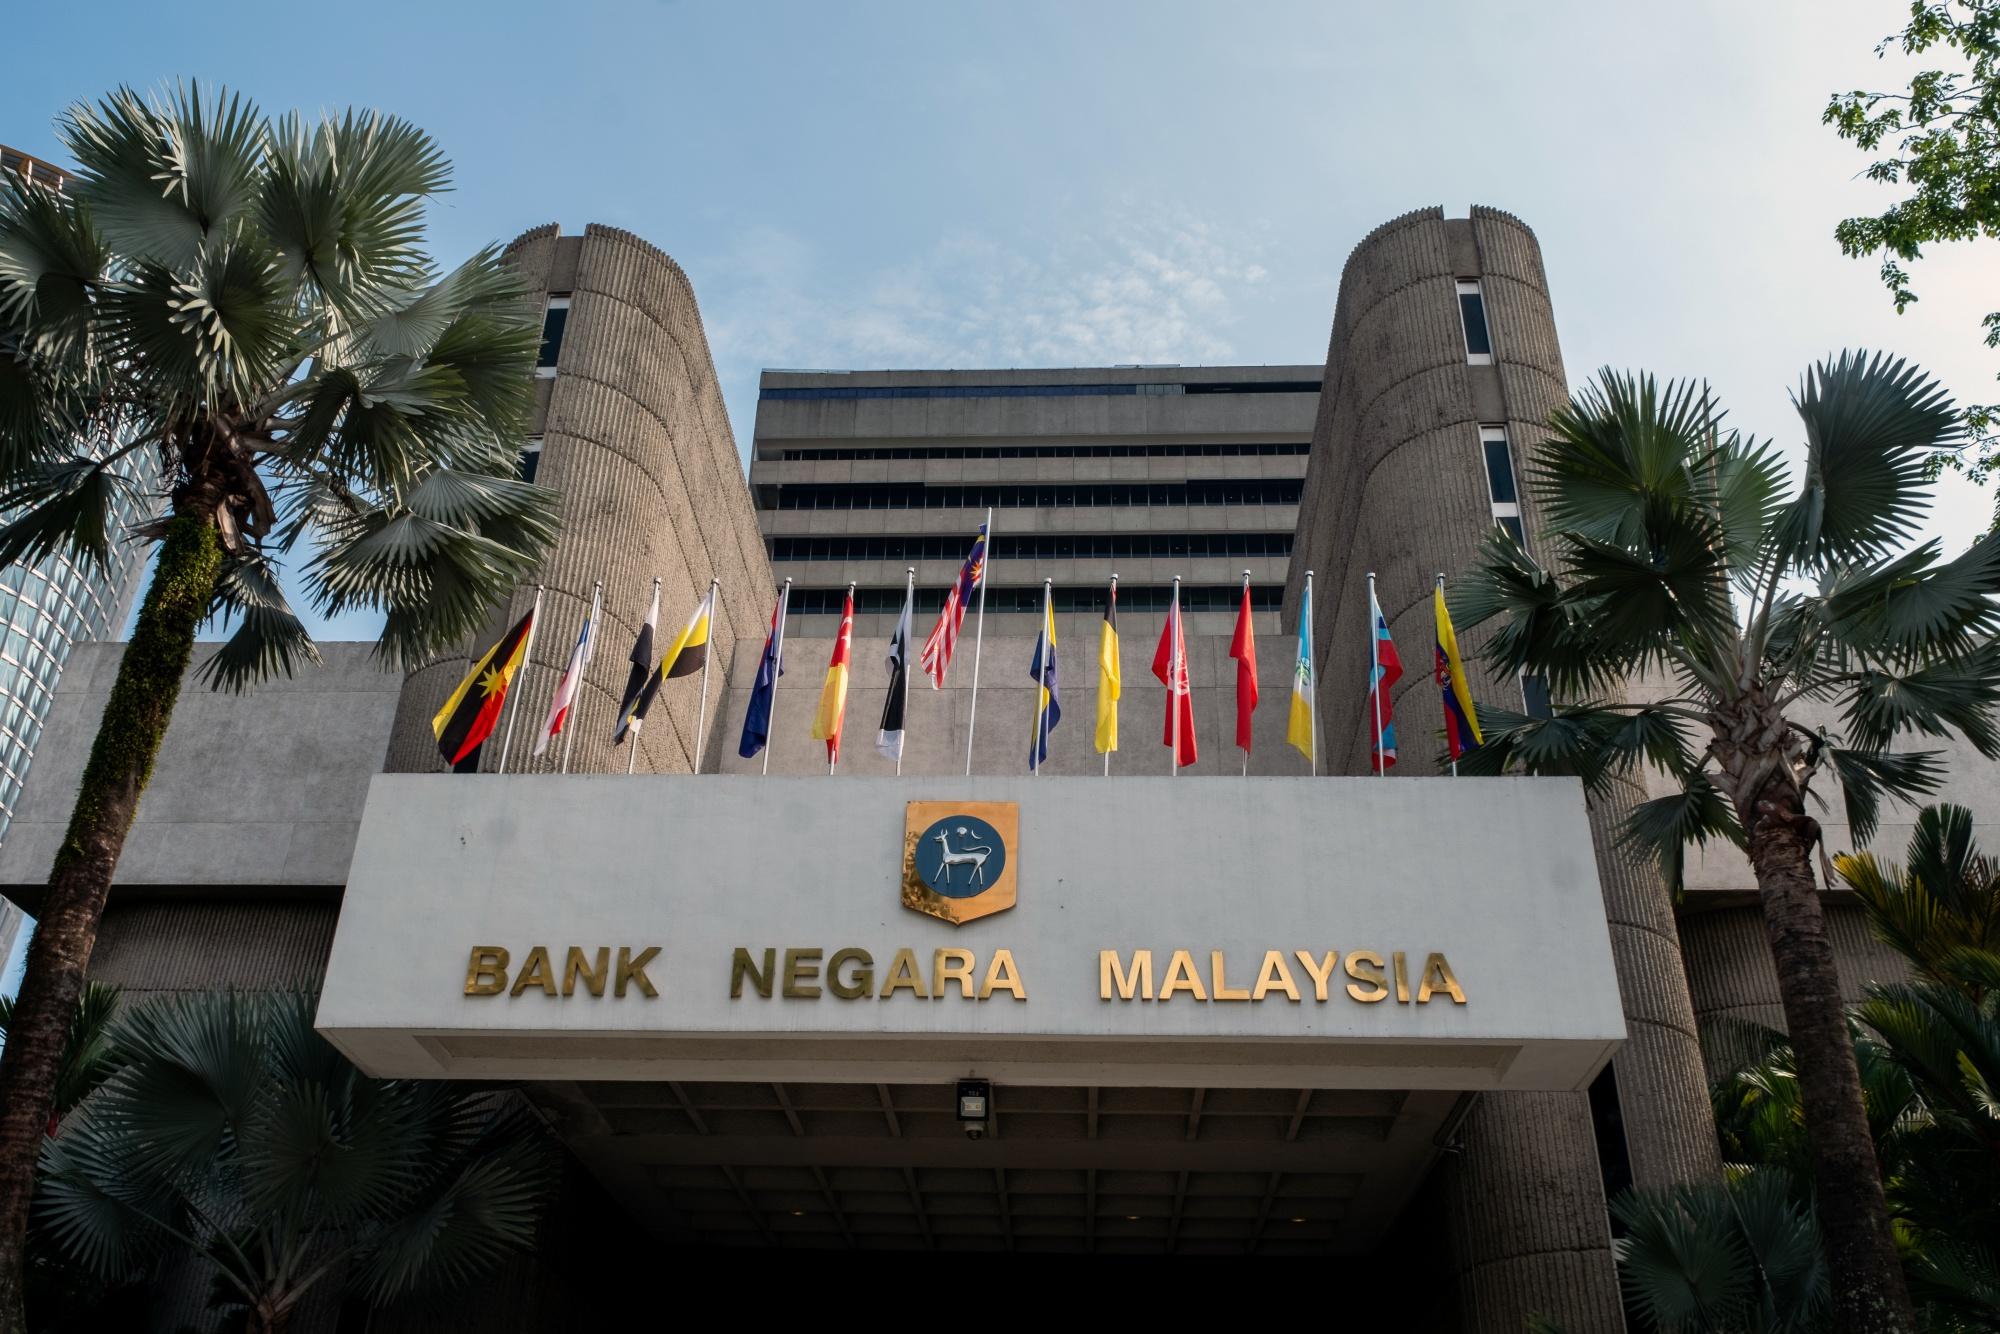 bitcoin bank negara malaizija 2021)